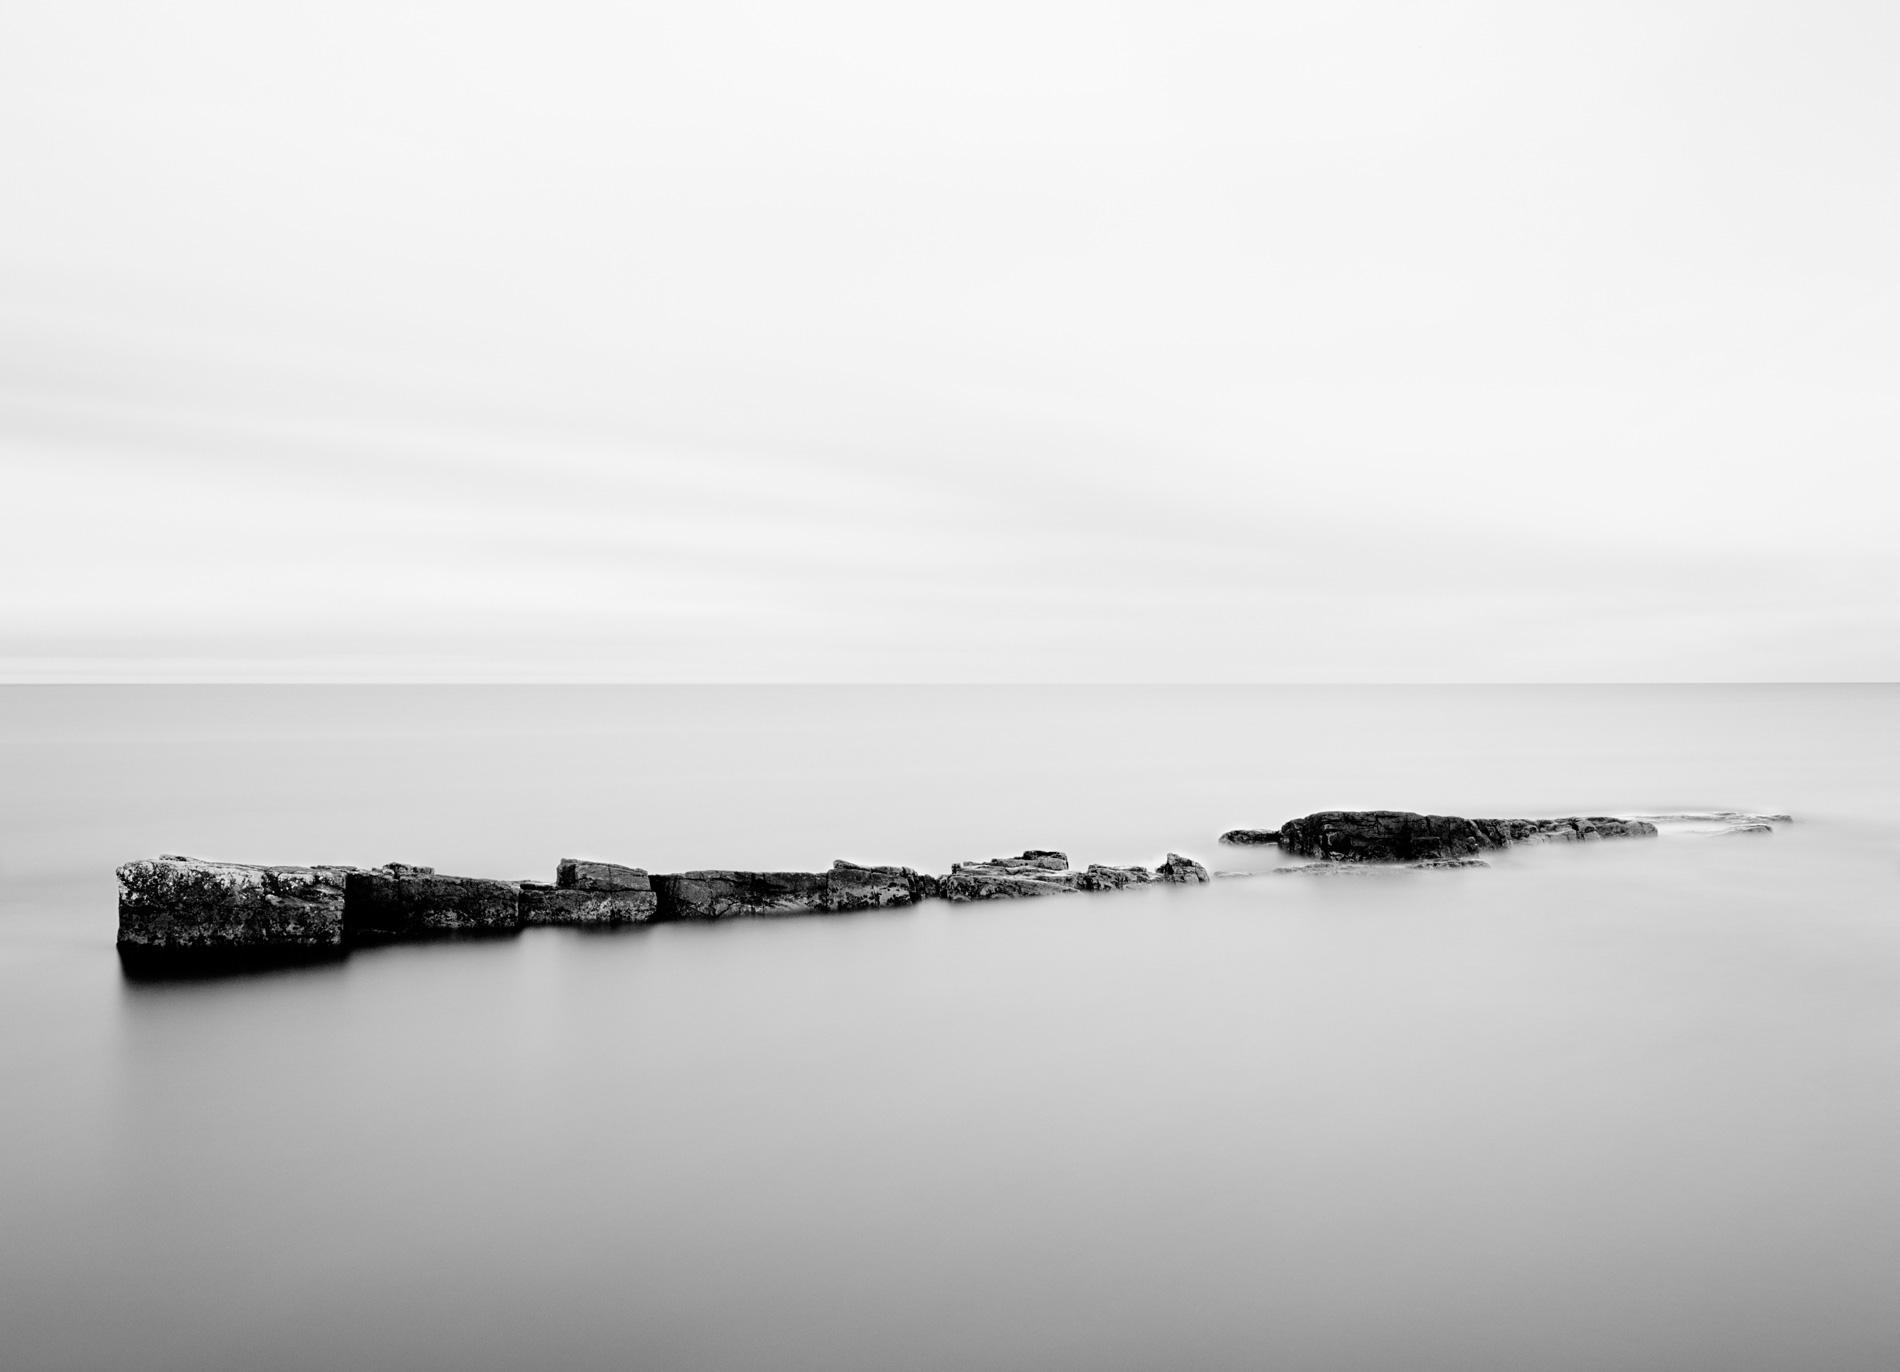 Rocks & Water 03